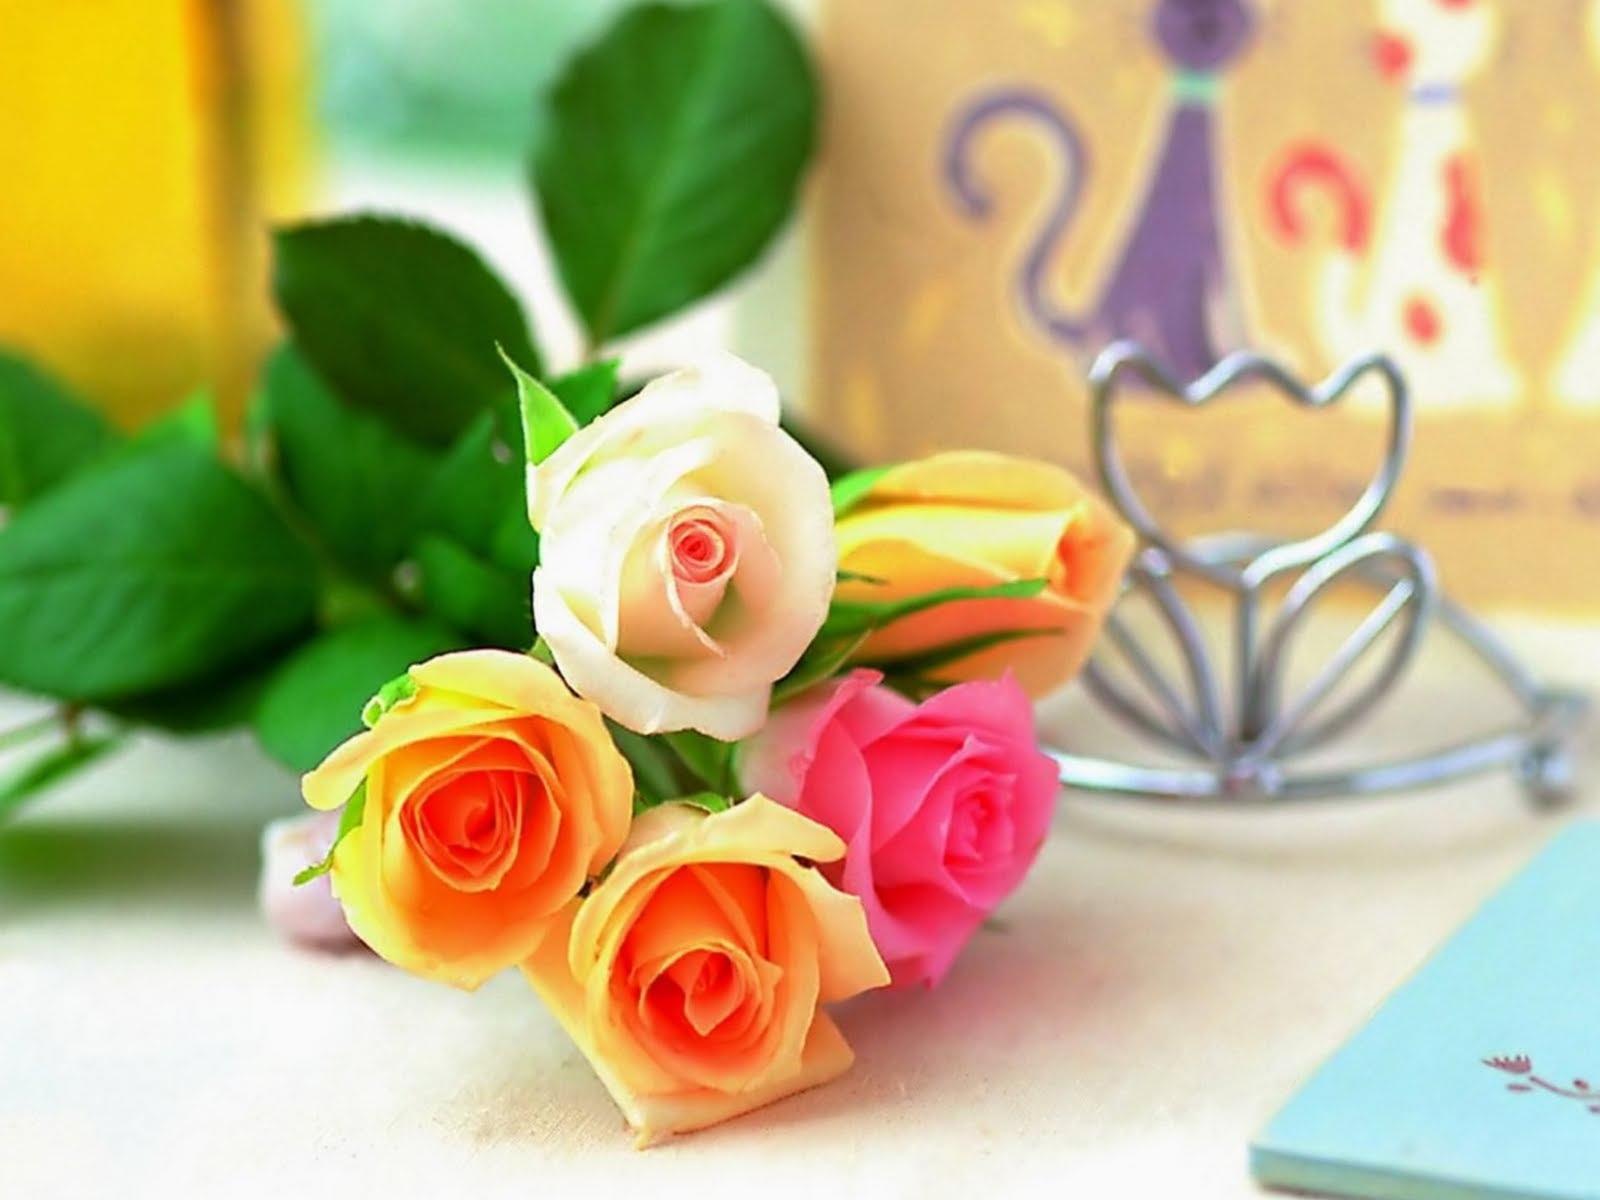 Beauty Full Flower Hd 451686 Hd Wallpaper Backgrounds Download